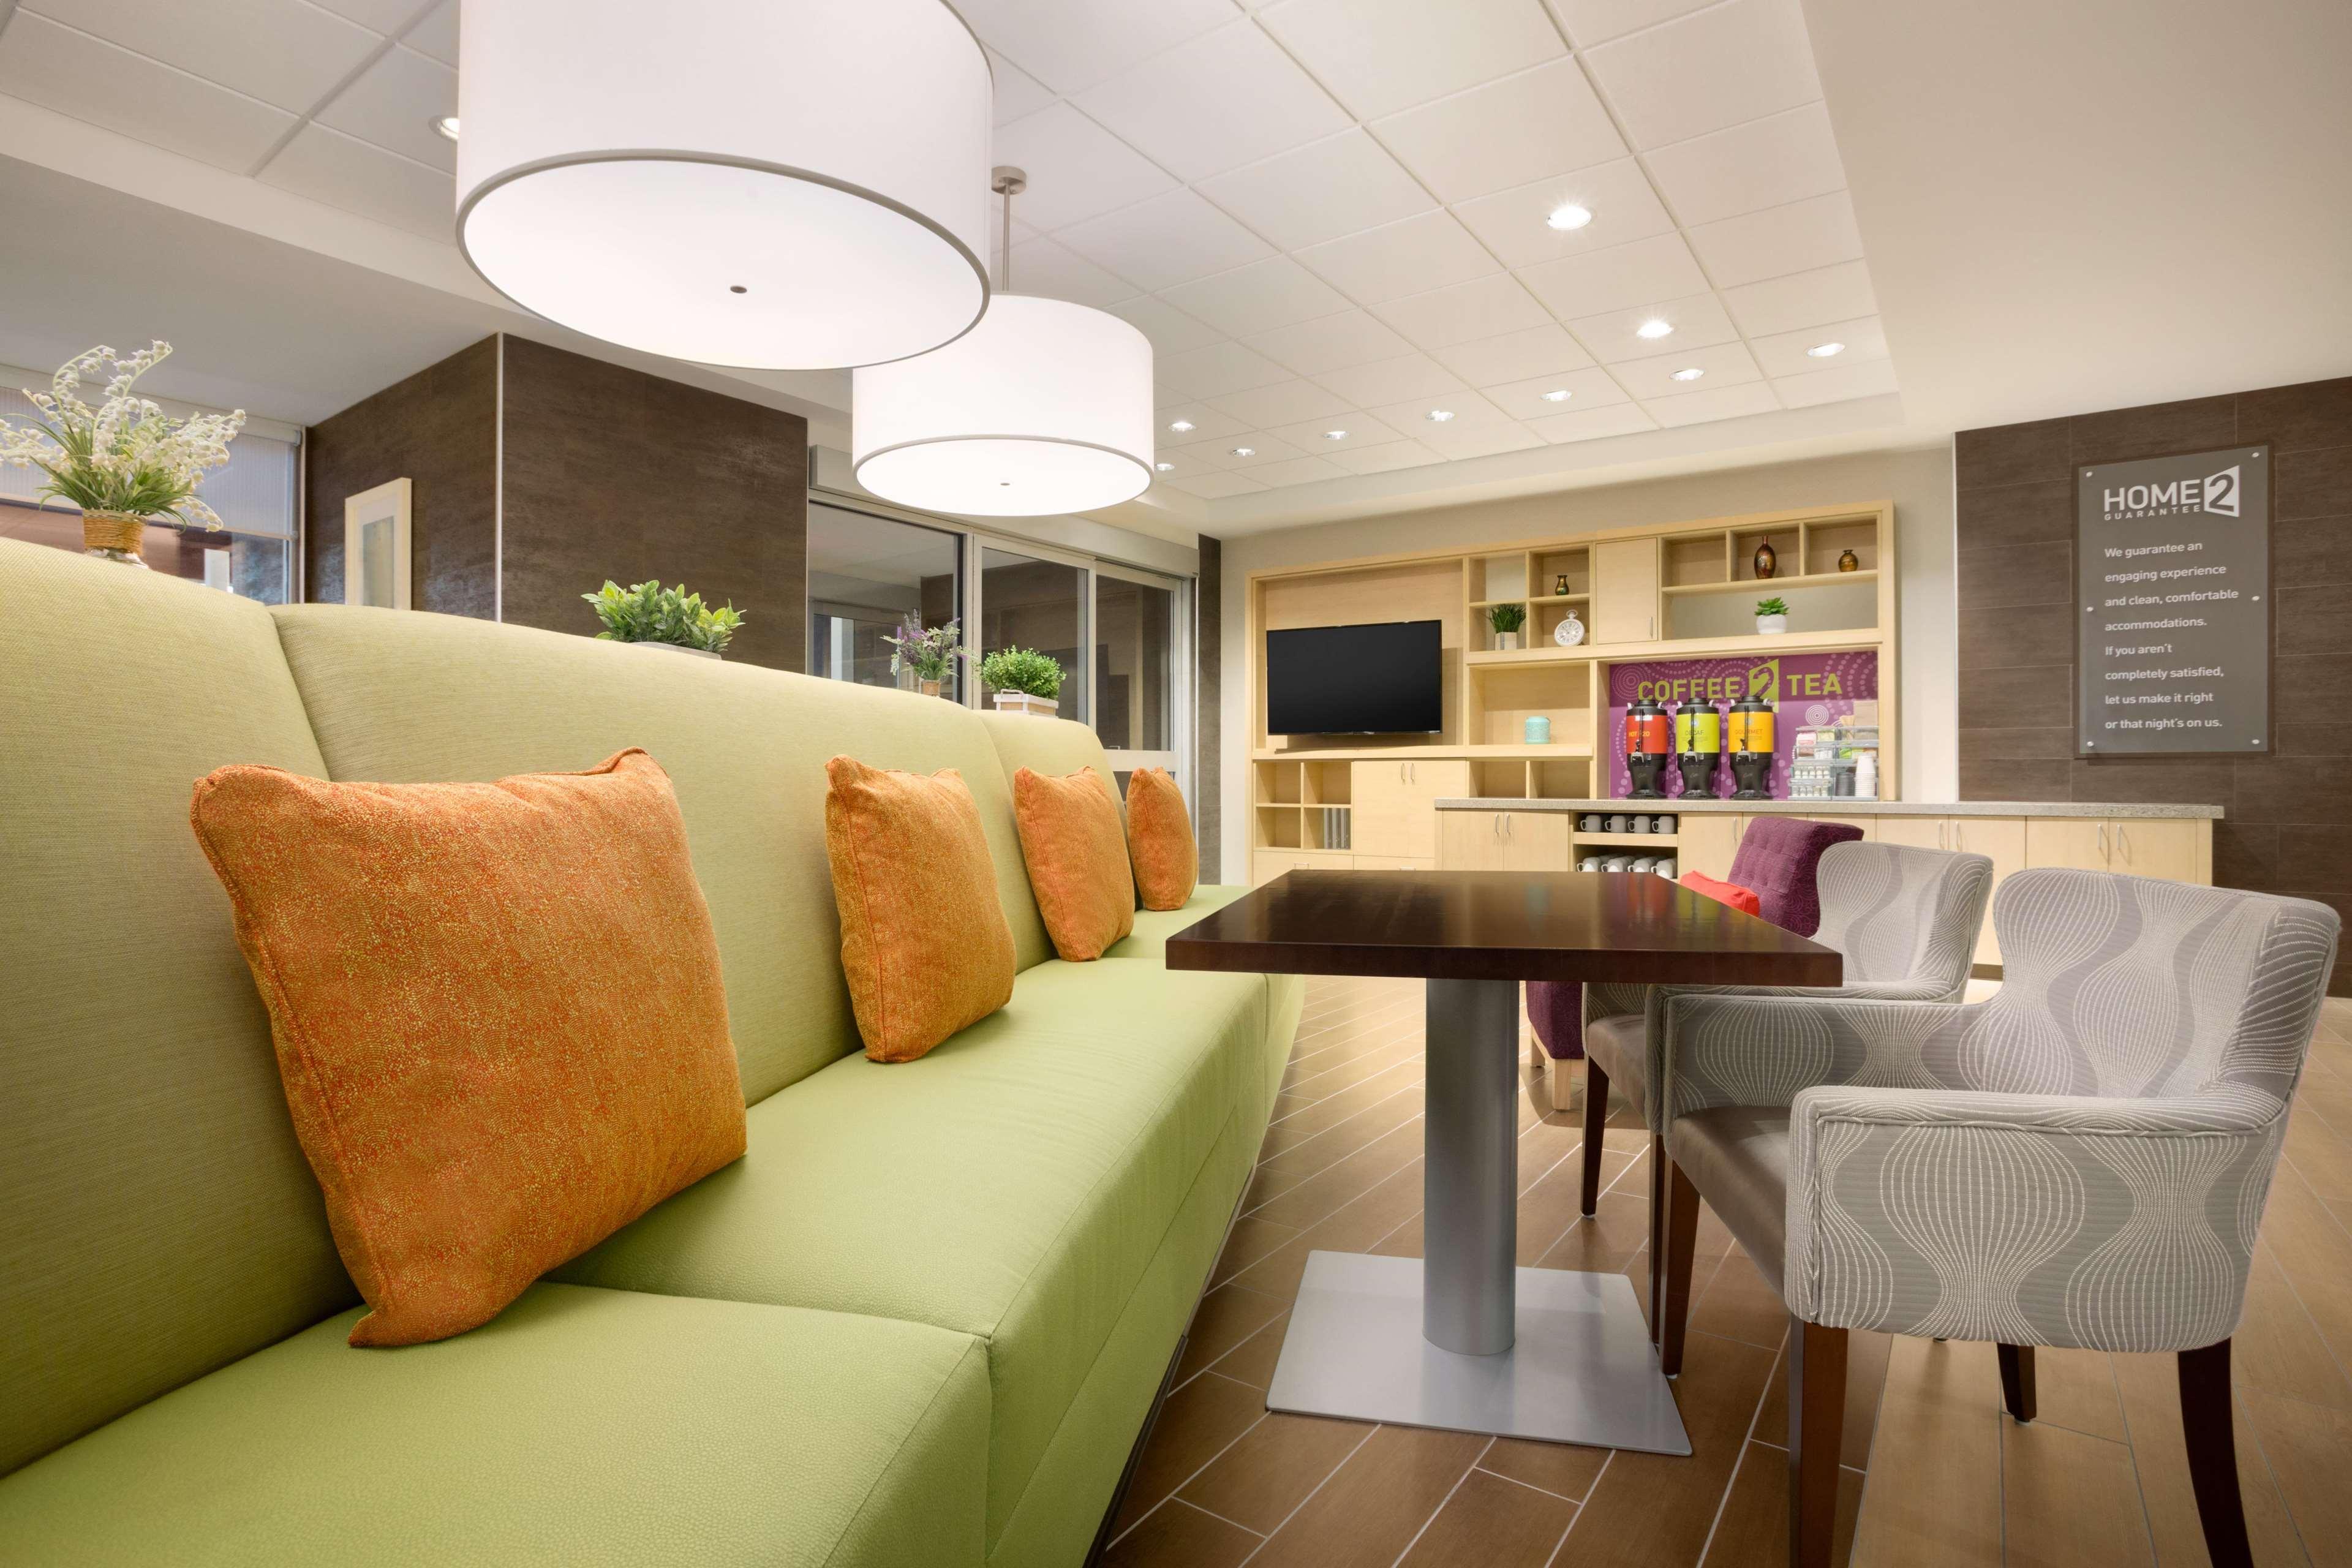 Home2 Suites by Hilton McAllen image 7